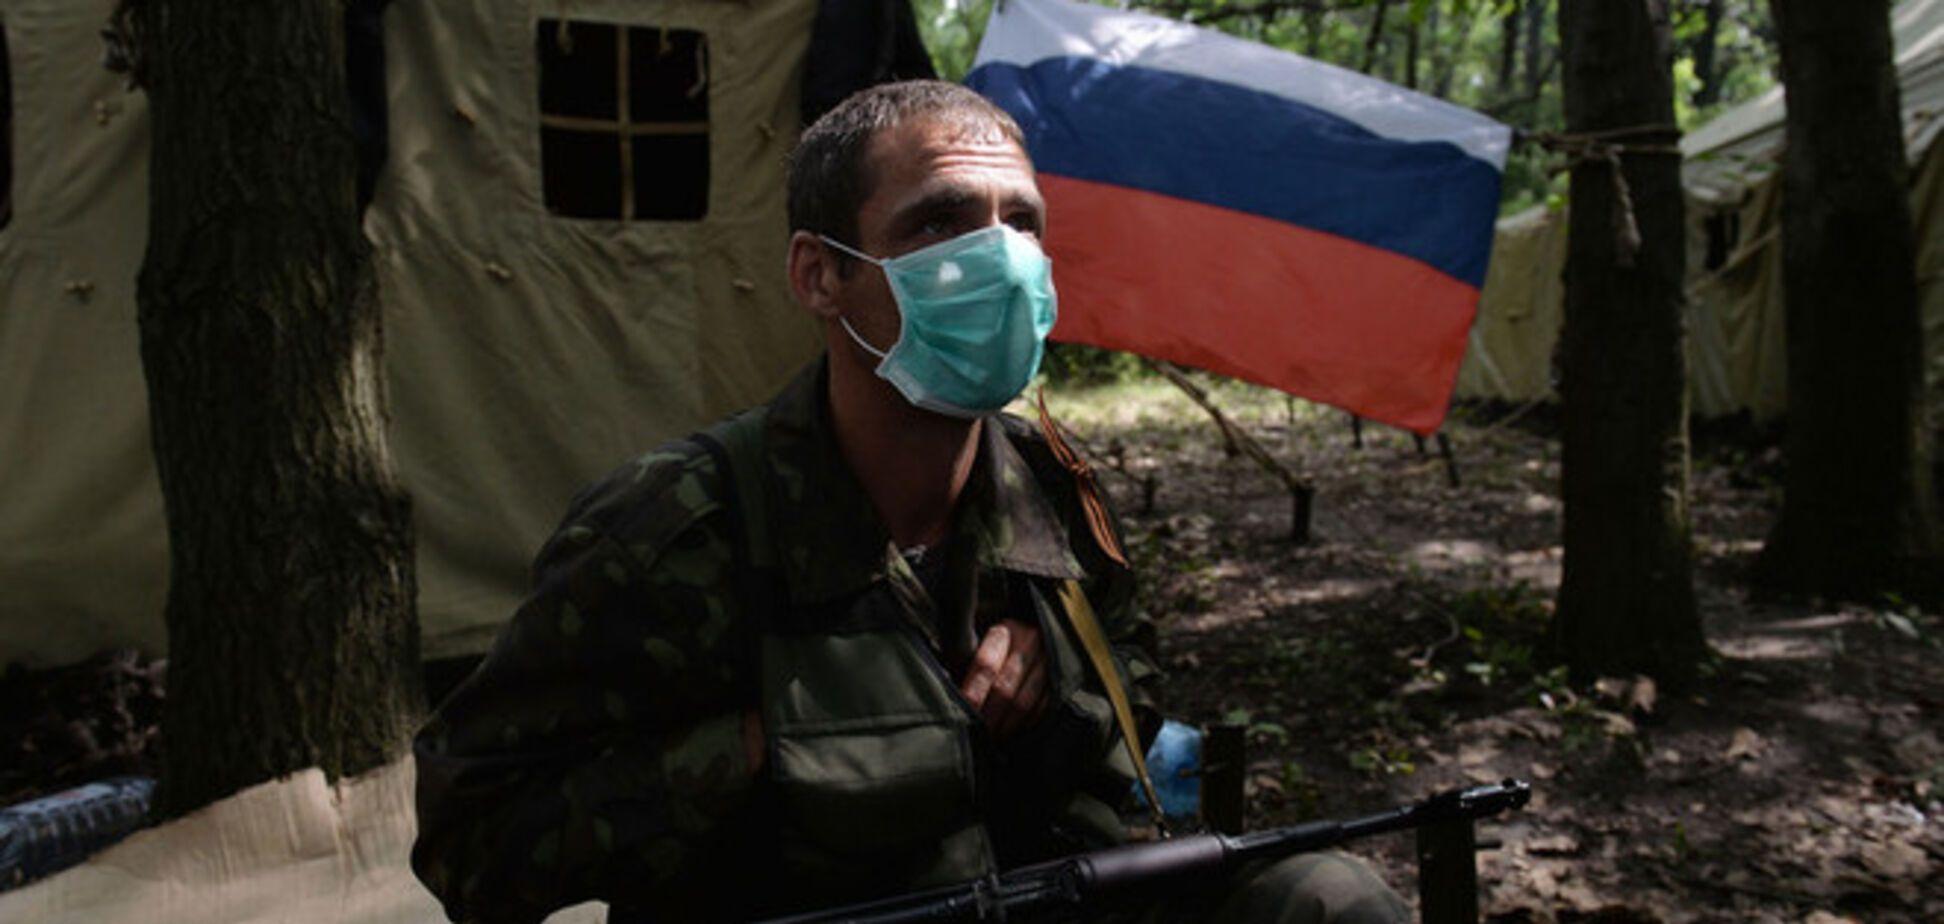 Боевики 'ДНР' во время штурма райотдела милиции убили прохожего